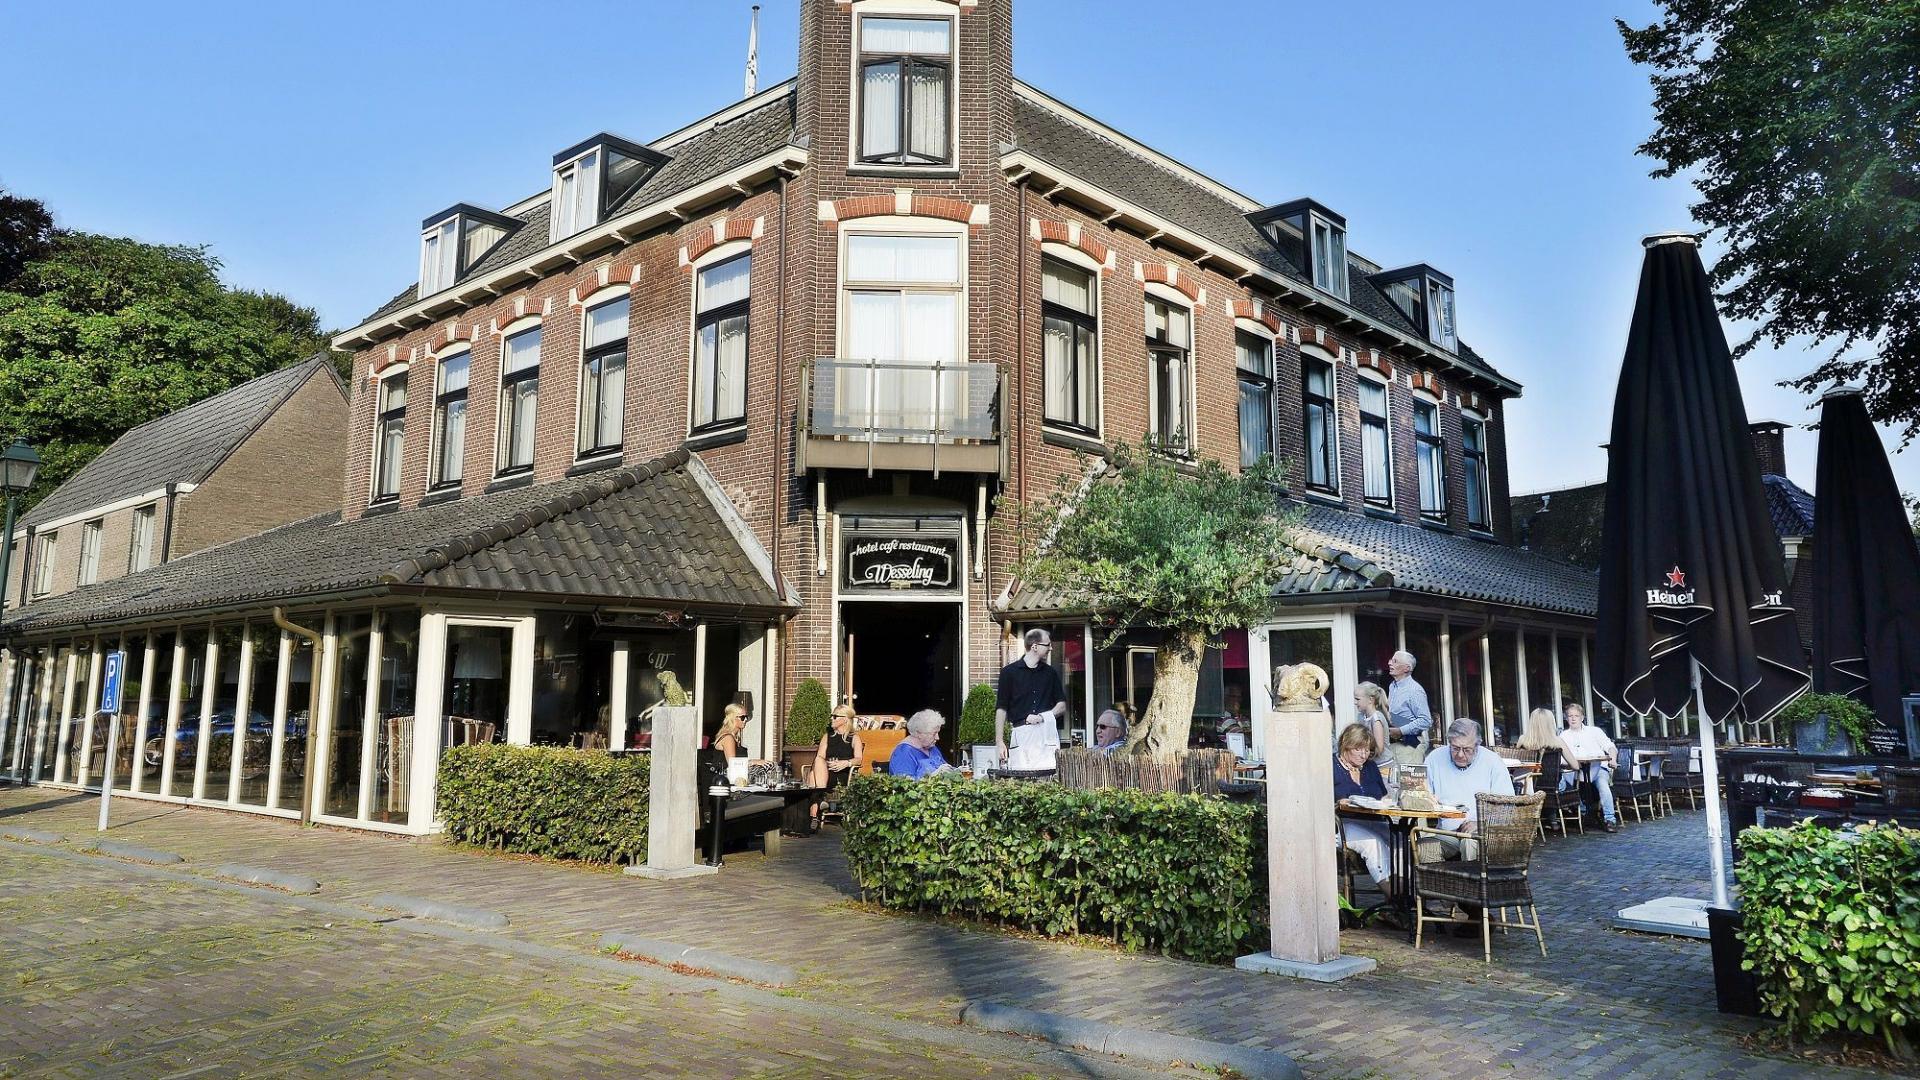 3 heerlijke dagen in gastvrij <b>Drenthe</b> incl. ontbijt en 3-gangendiner